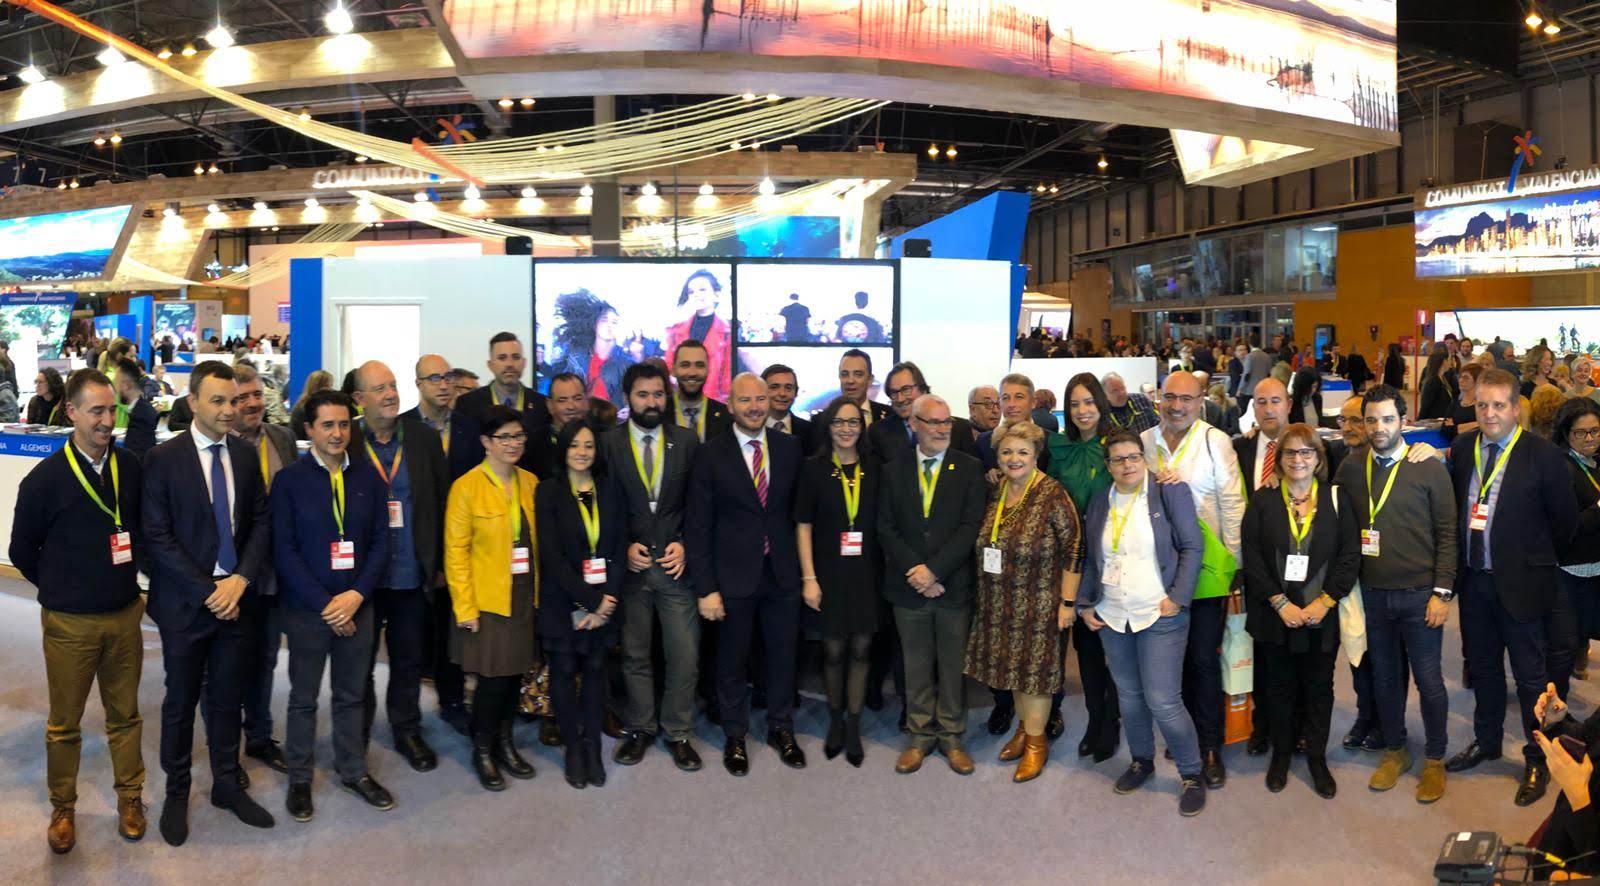 La Diputació mostra en Fitur la 'lluentor' del turisme valencià fruit de la col·laboració entre institucions i empreses